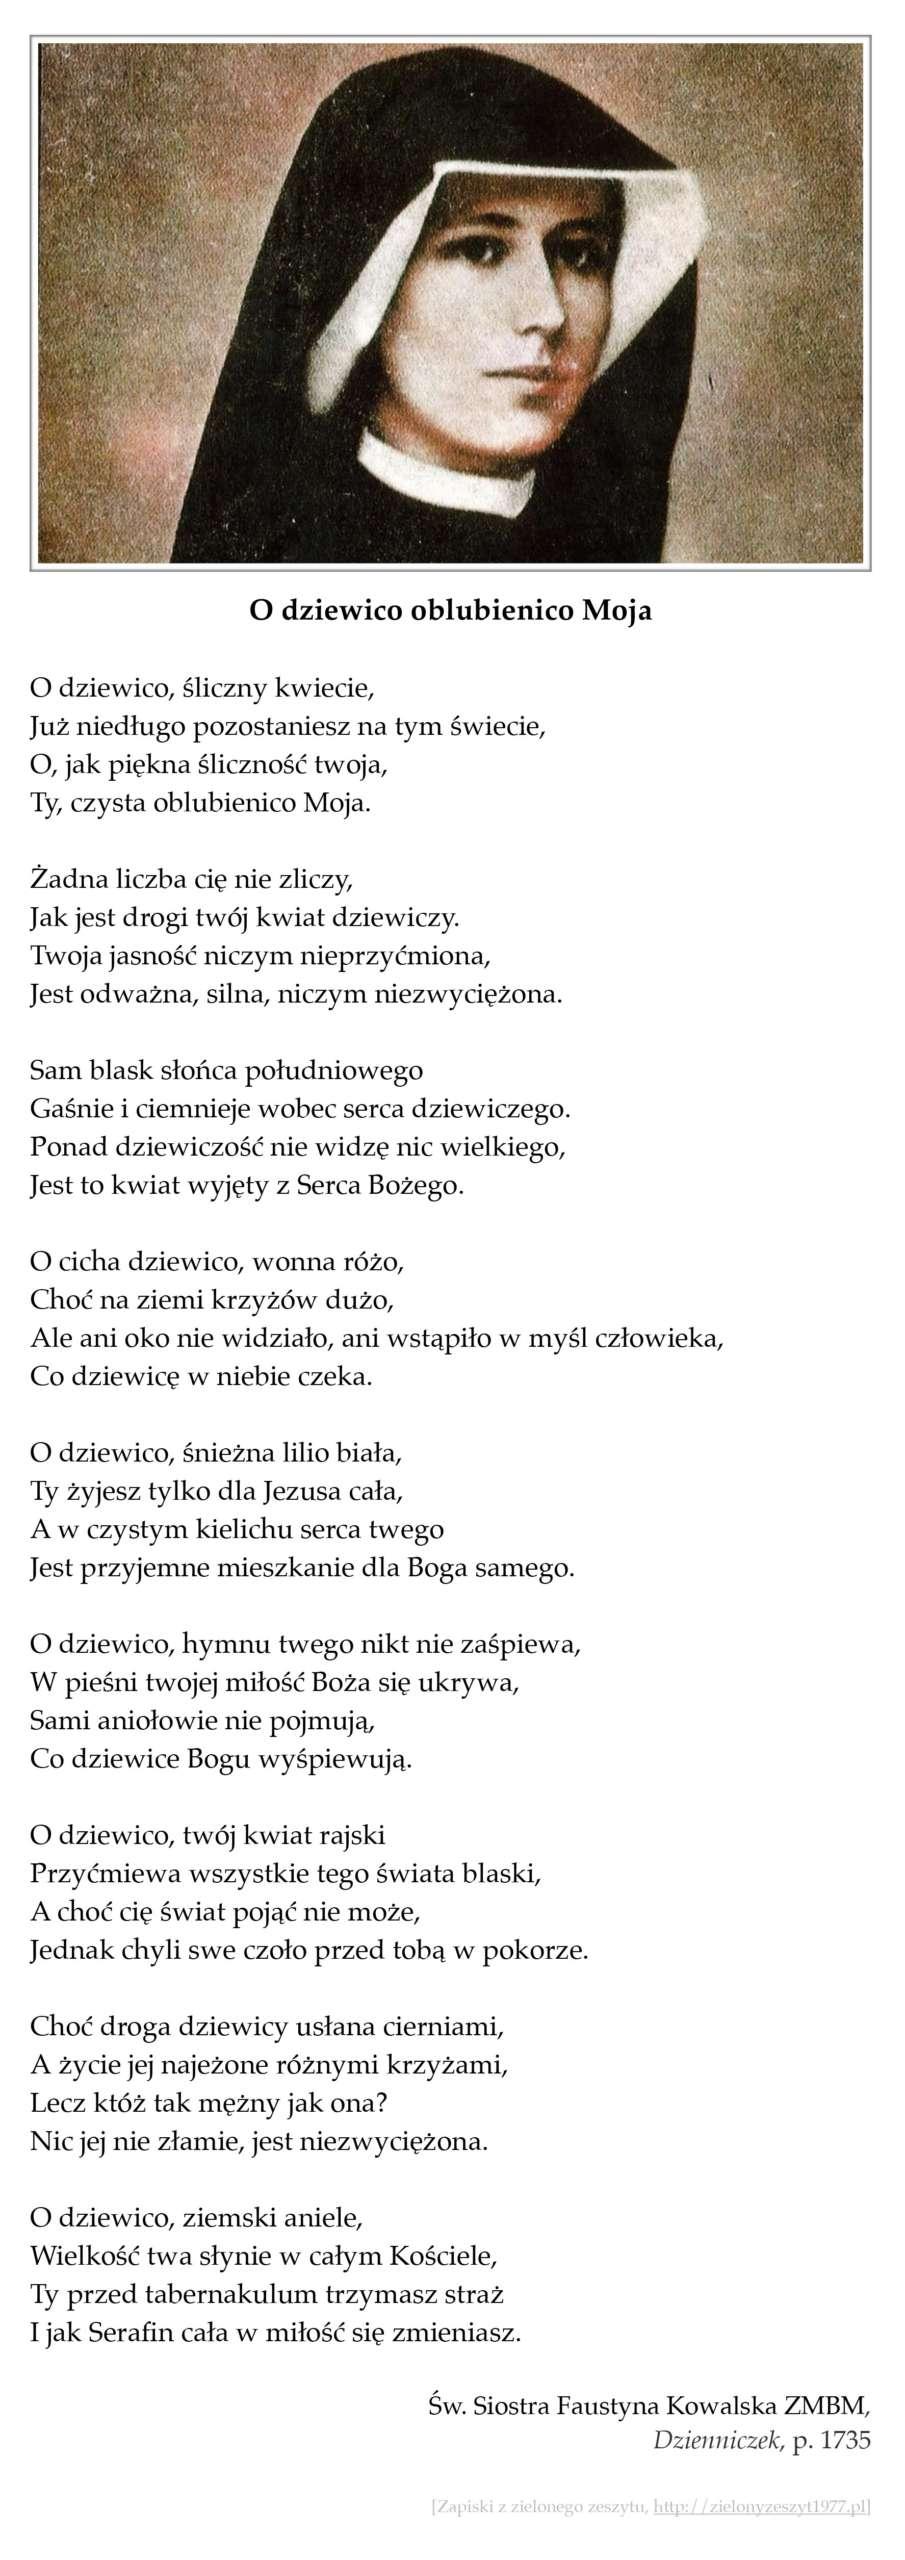 """Św. Siostra Faustyna Kowalska ZMBM, """"Dzienniczek"""", p. 1735 (O dziewico oblubienico Moja)"""